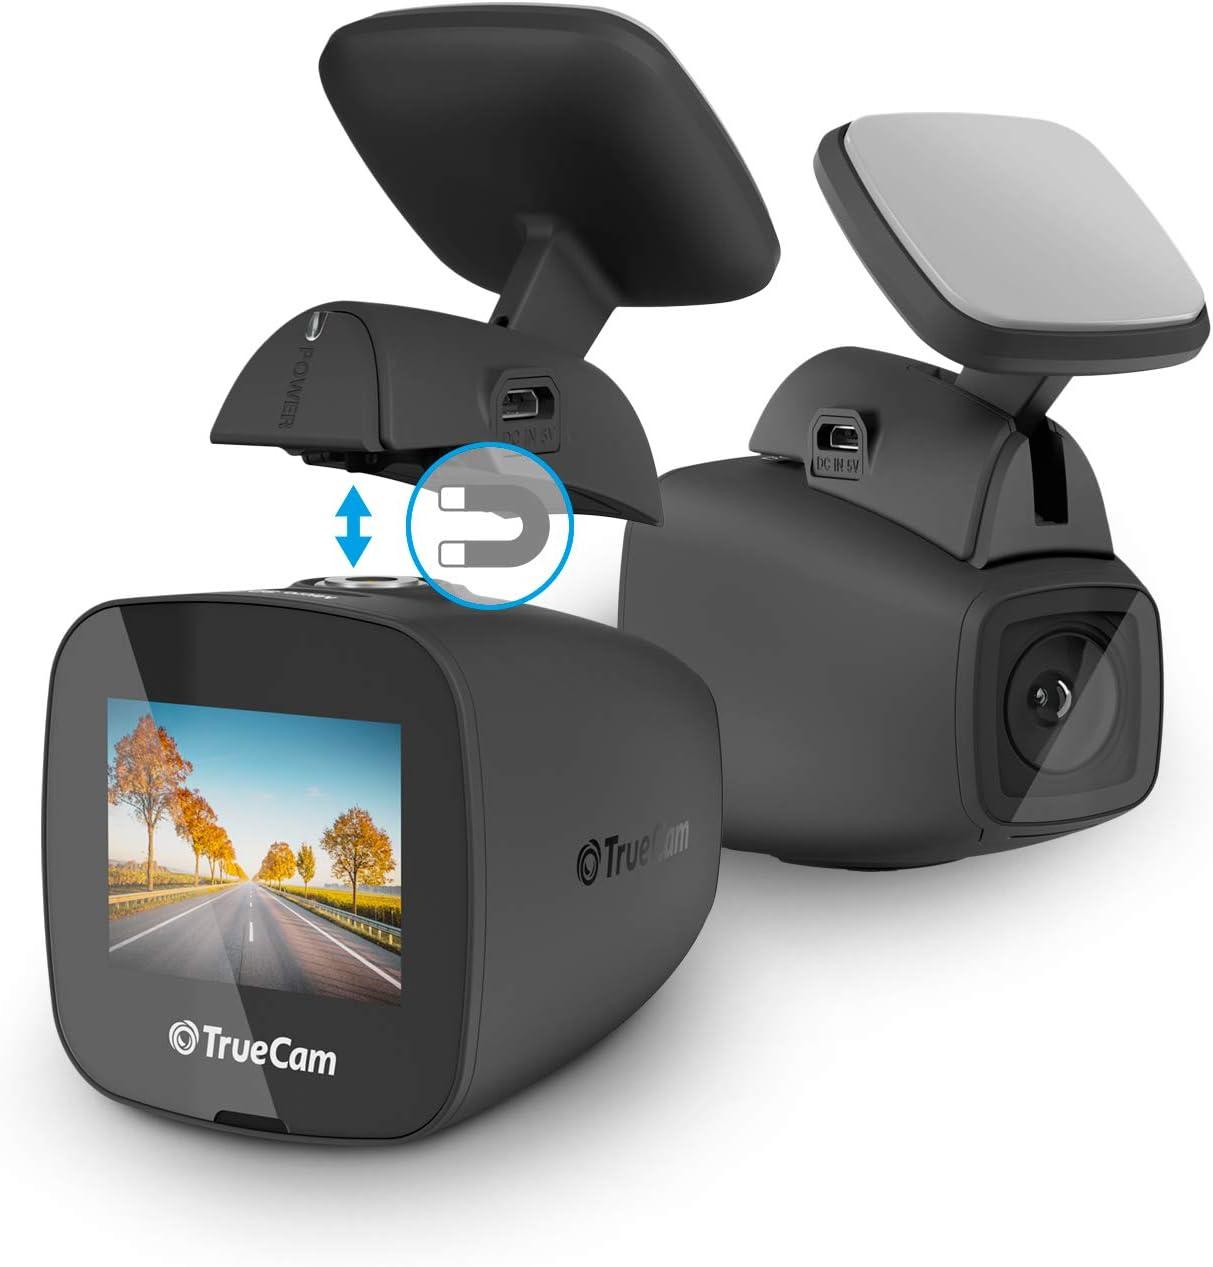 Truecam H5 Full Hd Dashcam Auto Kamera Videoregistrator Für Auto Full Hd 1080p Autokamera Dash Cam Mit Wi Fi Nachtsicht G Sensor Gps Optional Bewegungserkennung Loop Videoaufzeichnung Heimkino Tv